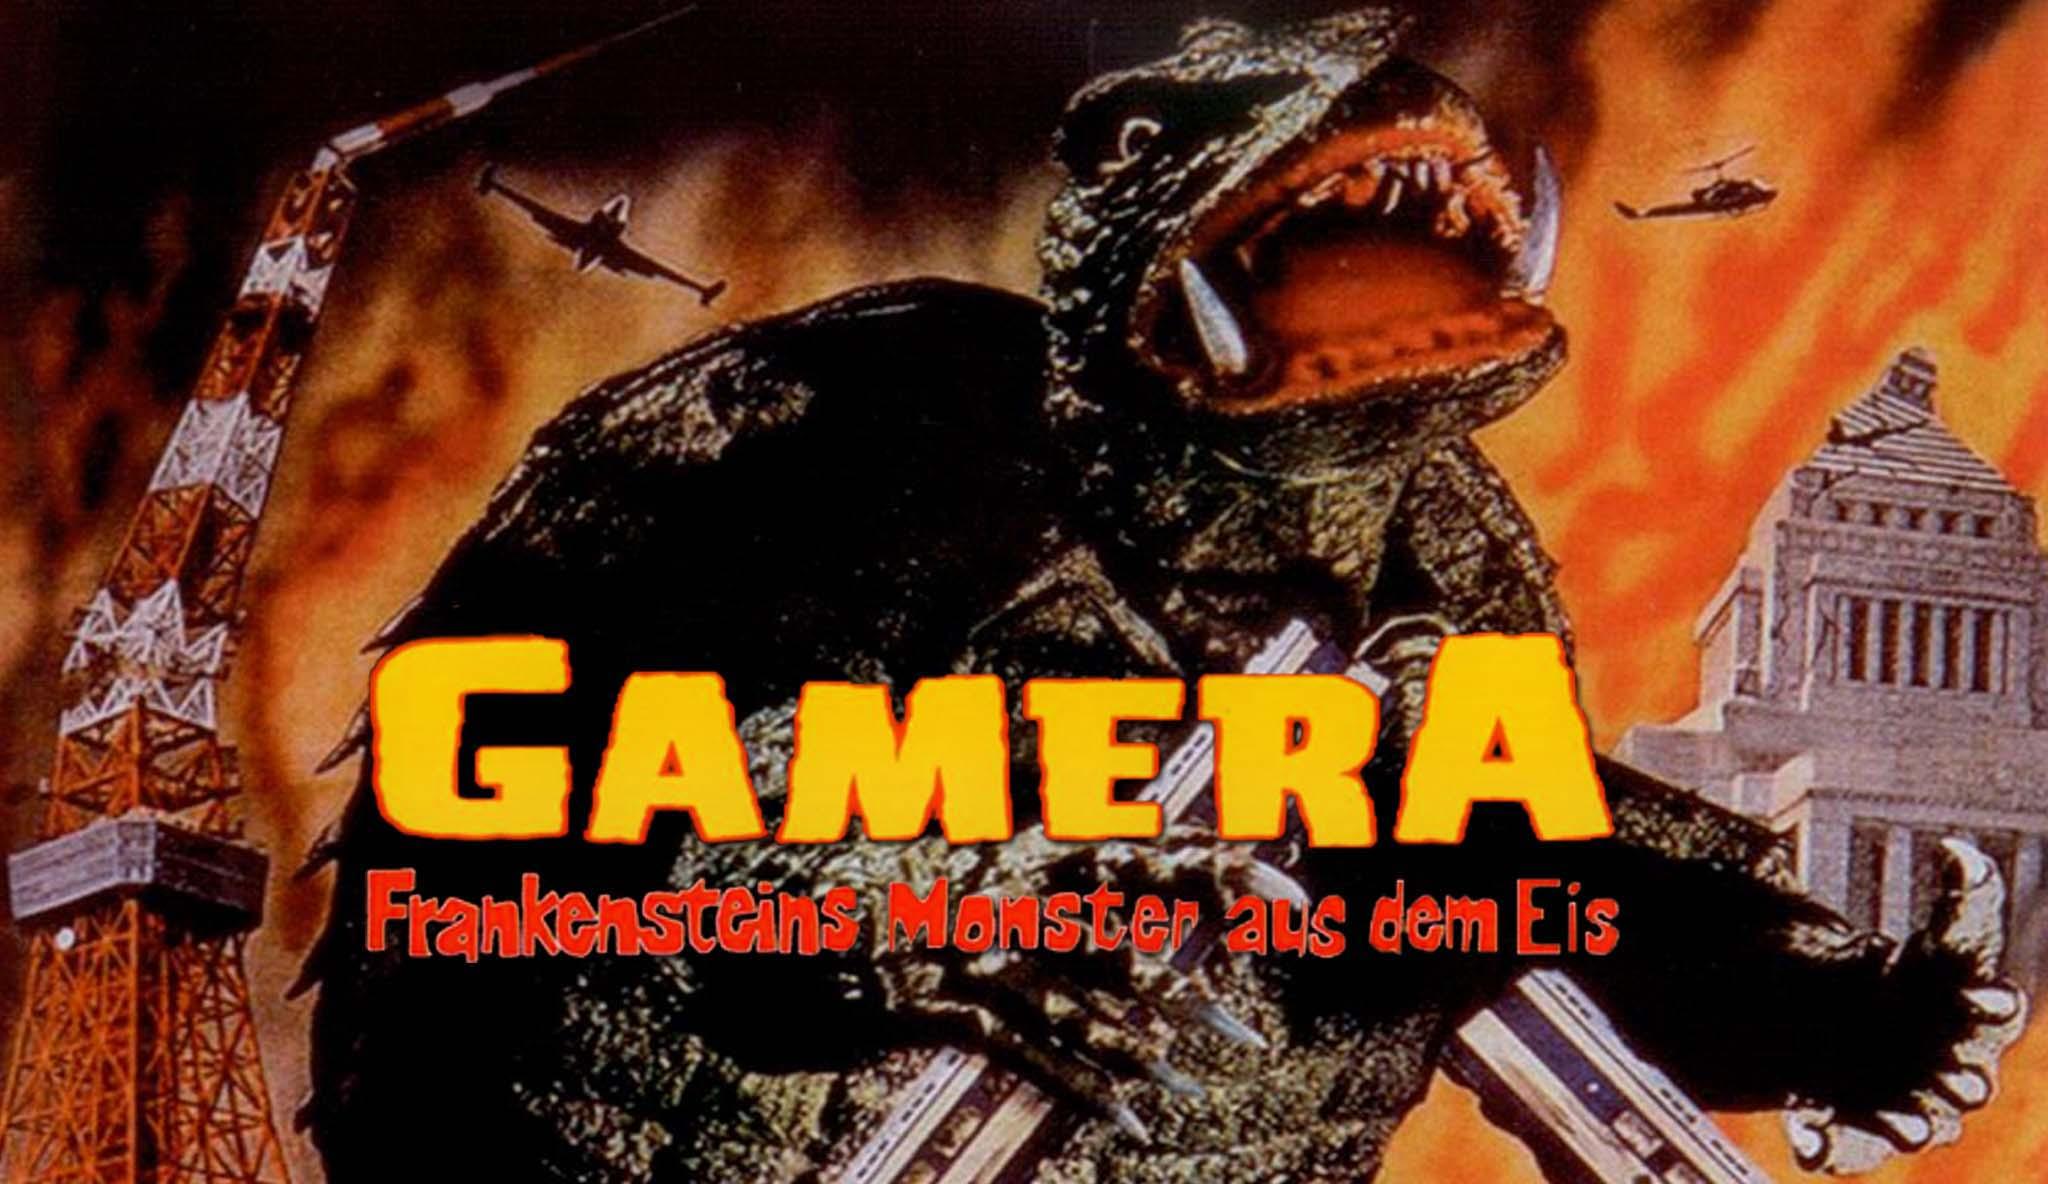 gamera-frankensteins-monster-aus-dem-eis\header.jpg